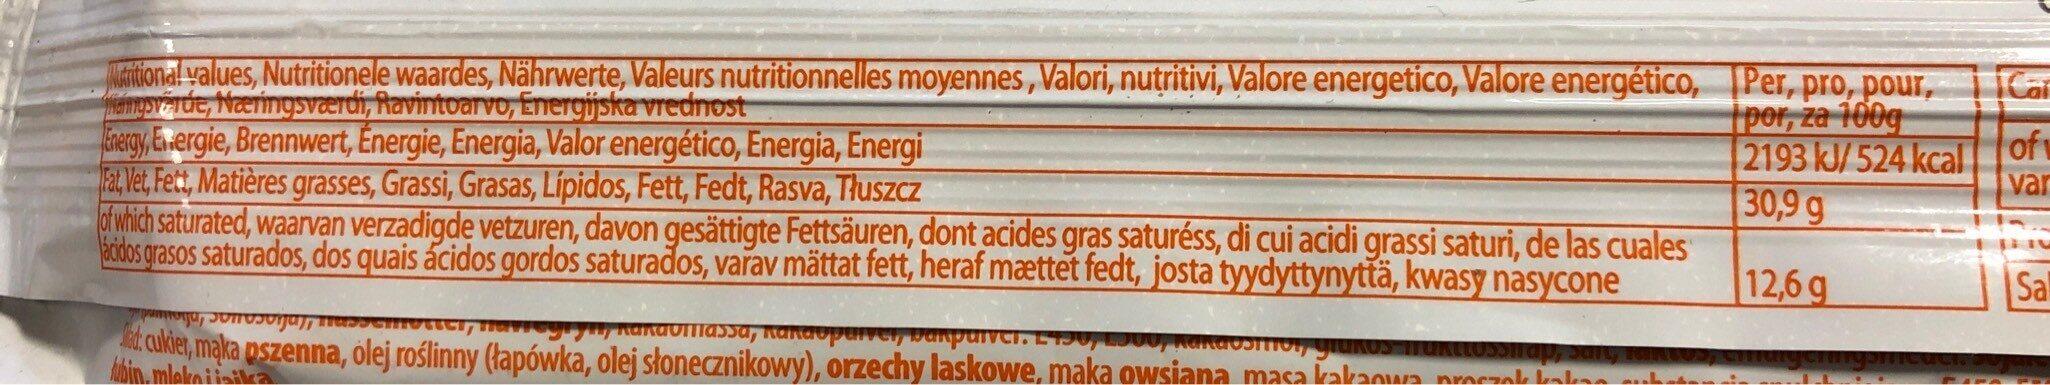 Cookies Chocolat Noisettes - Voedingswaarden